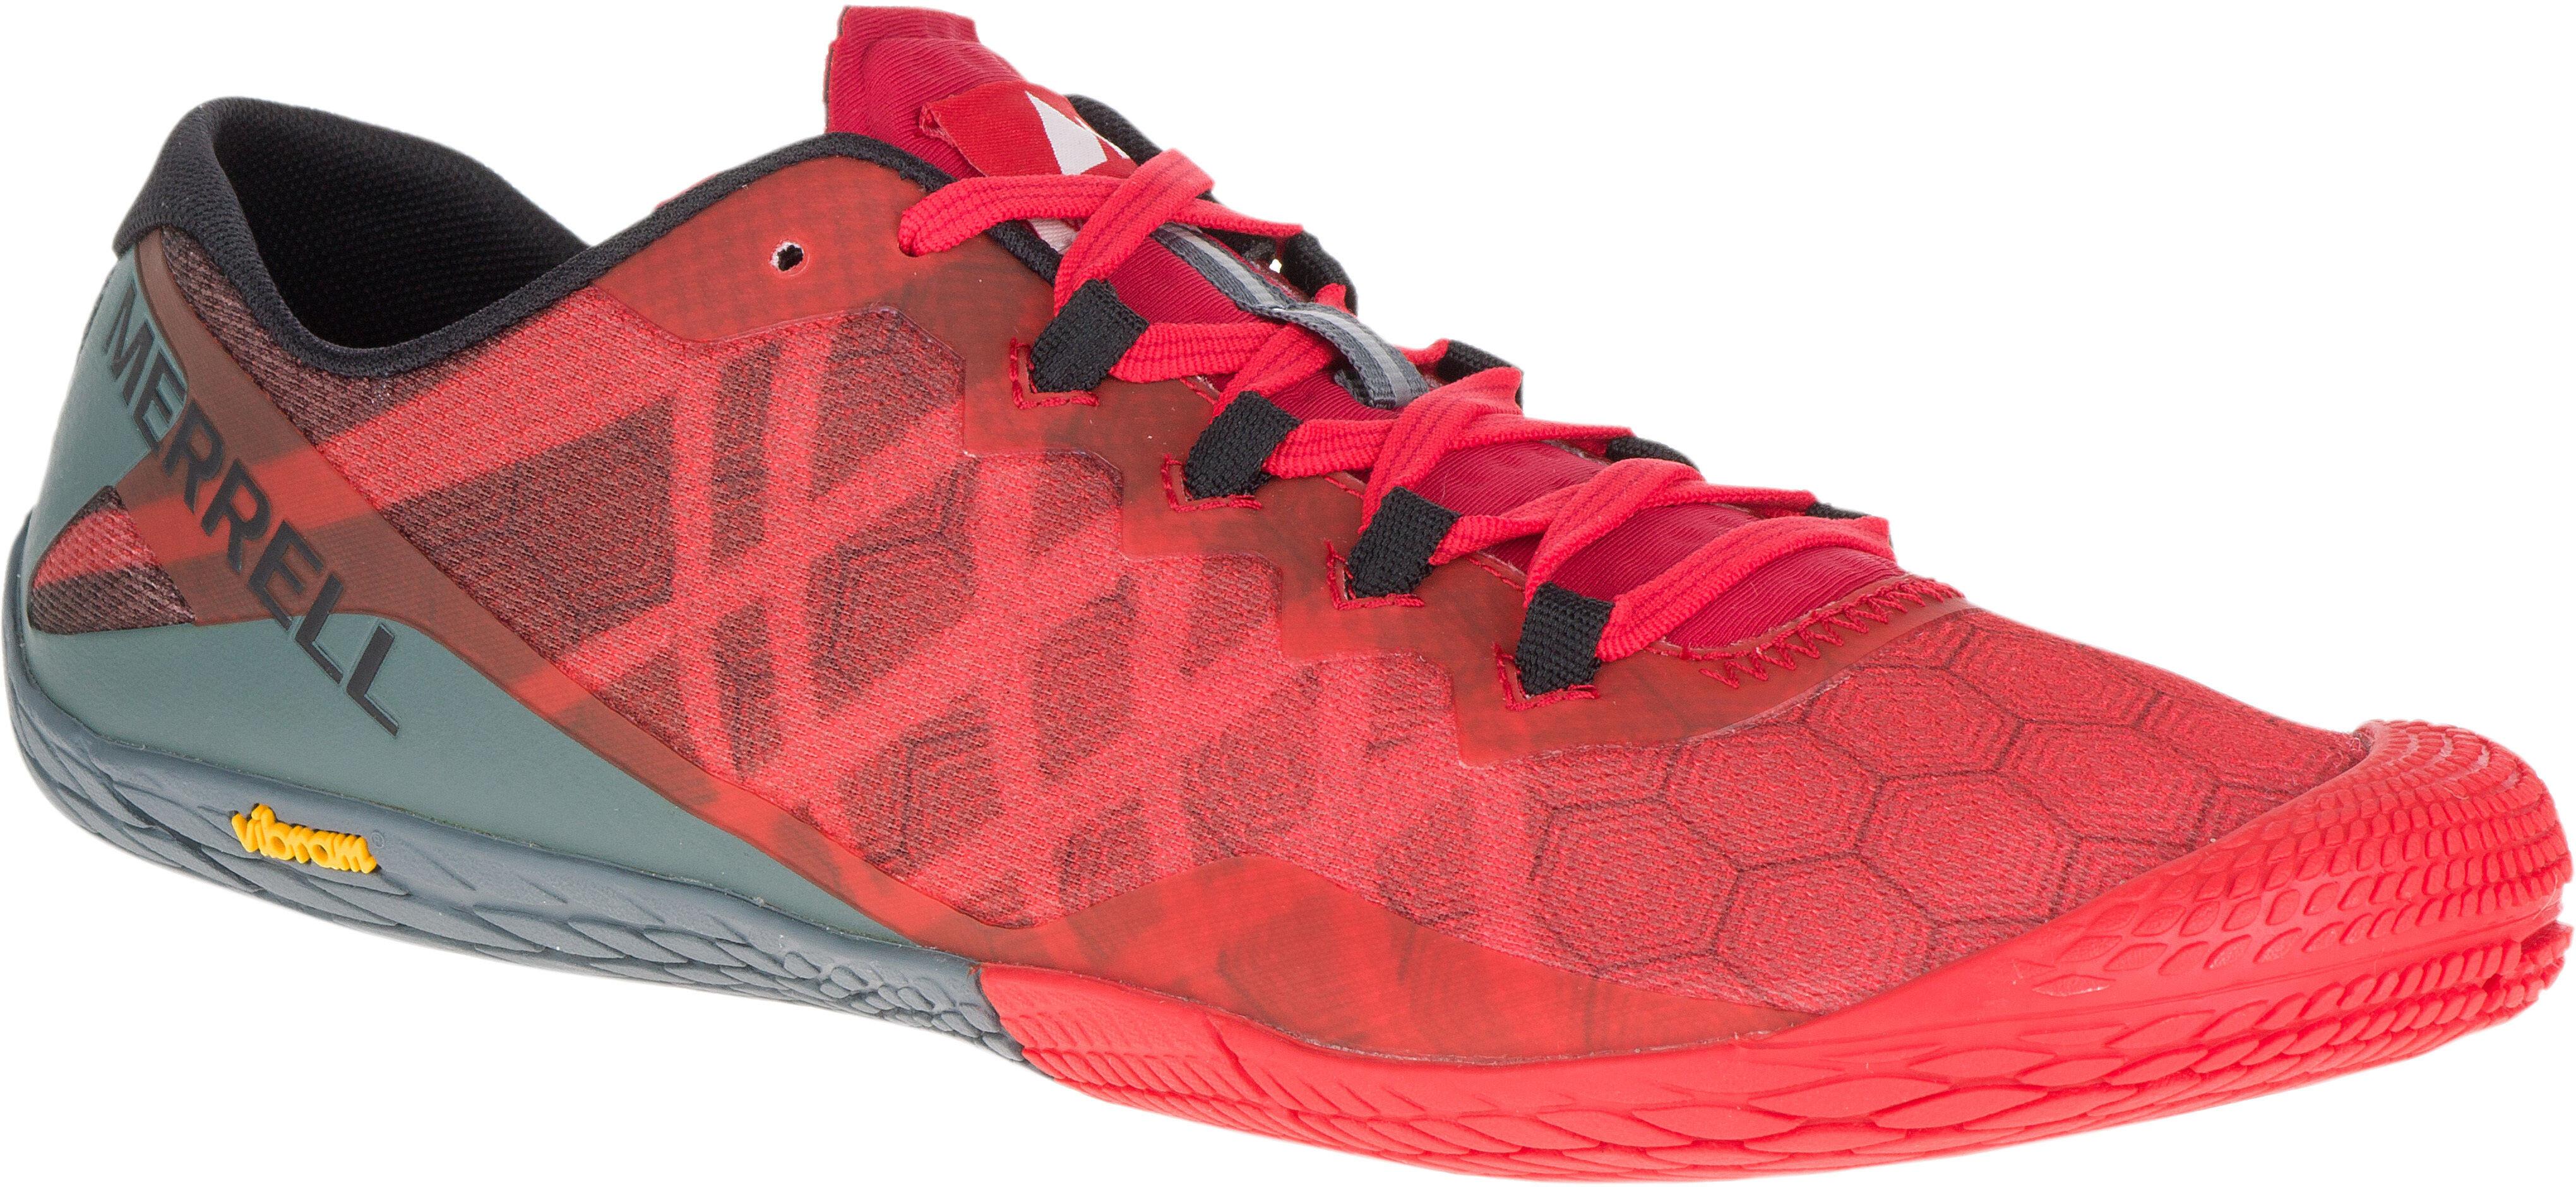 ▷ Merrell Vapor Glove 3 Shoes Men Molten Lava online bei Bikester.at 904c6b5db02